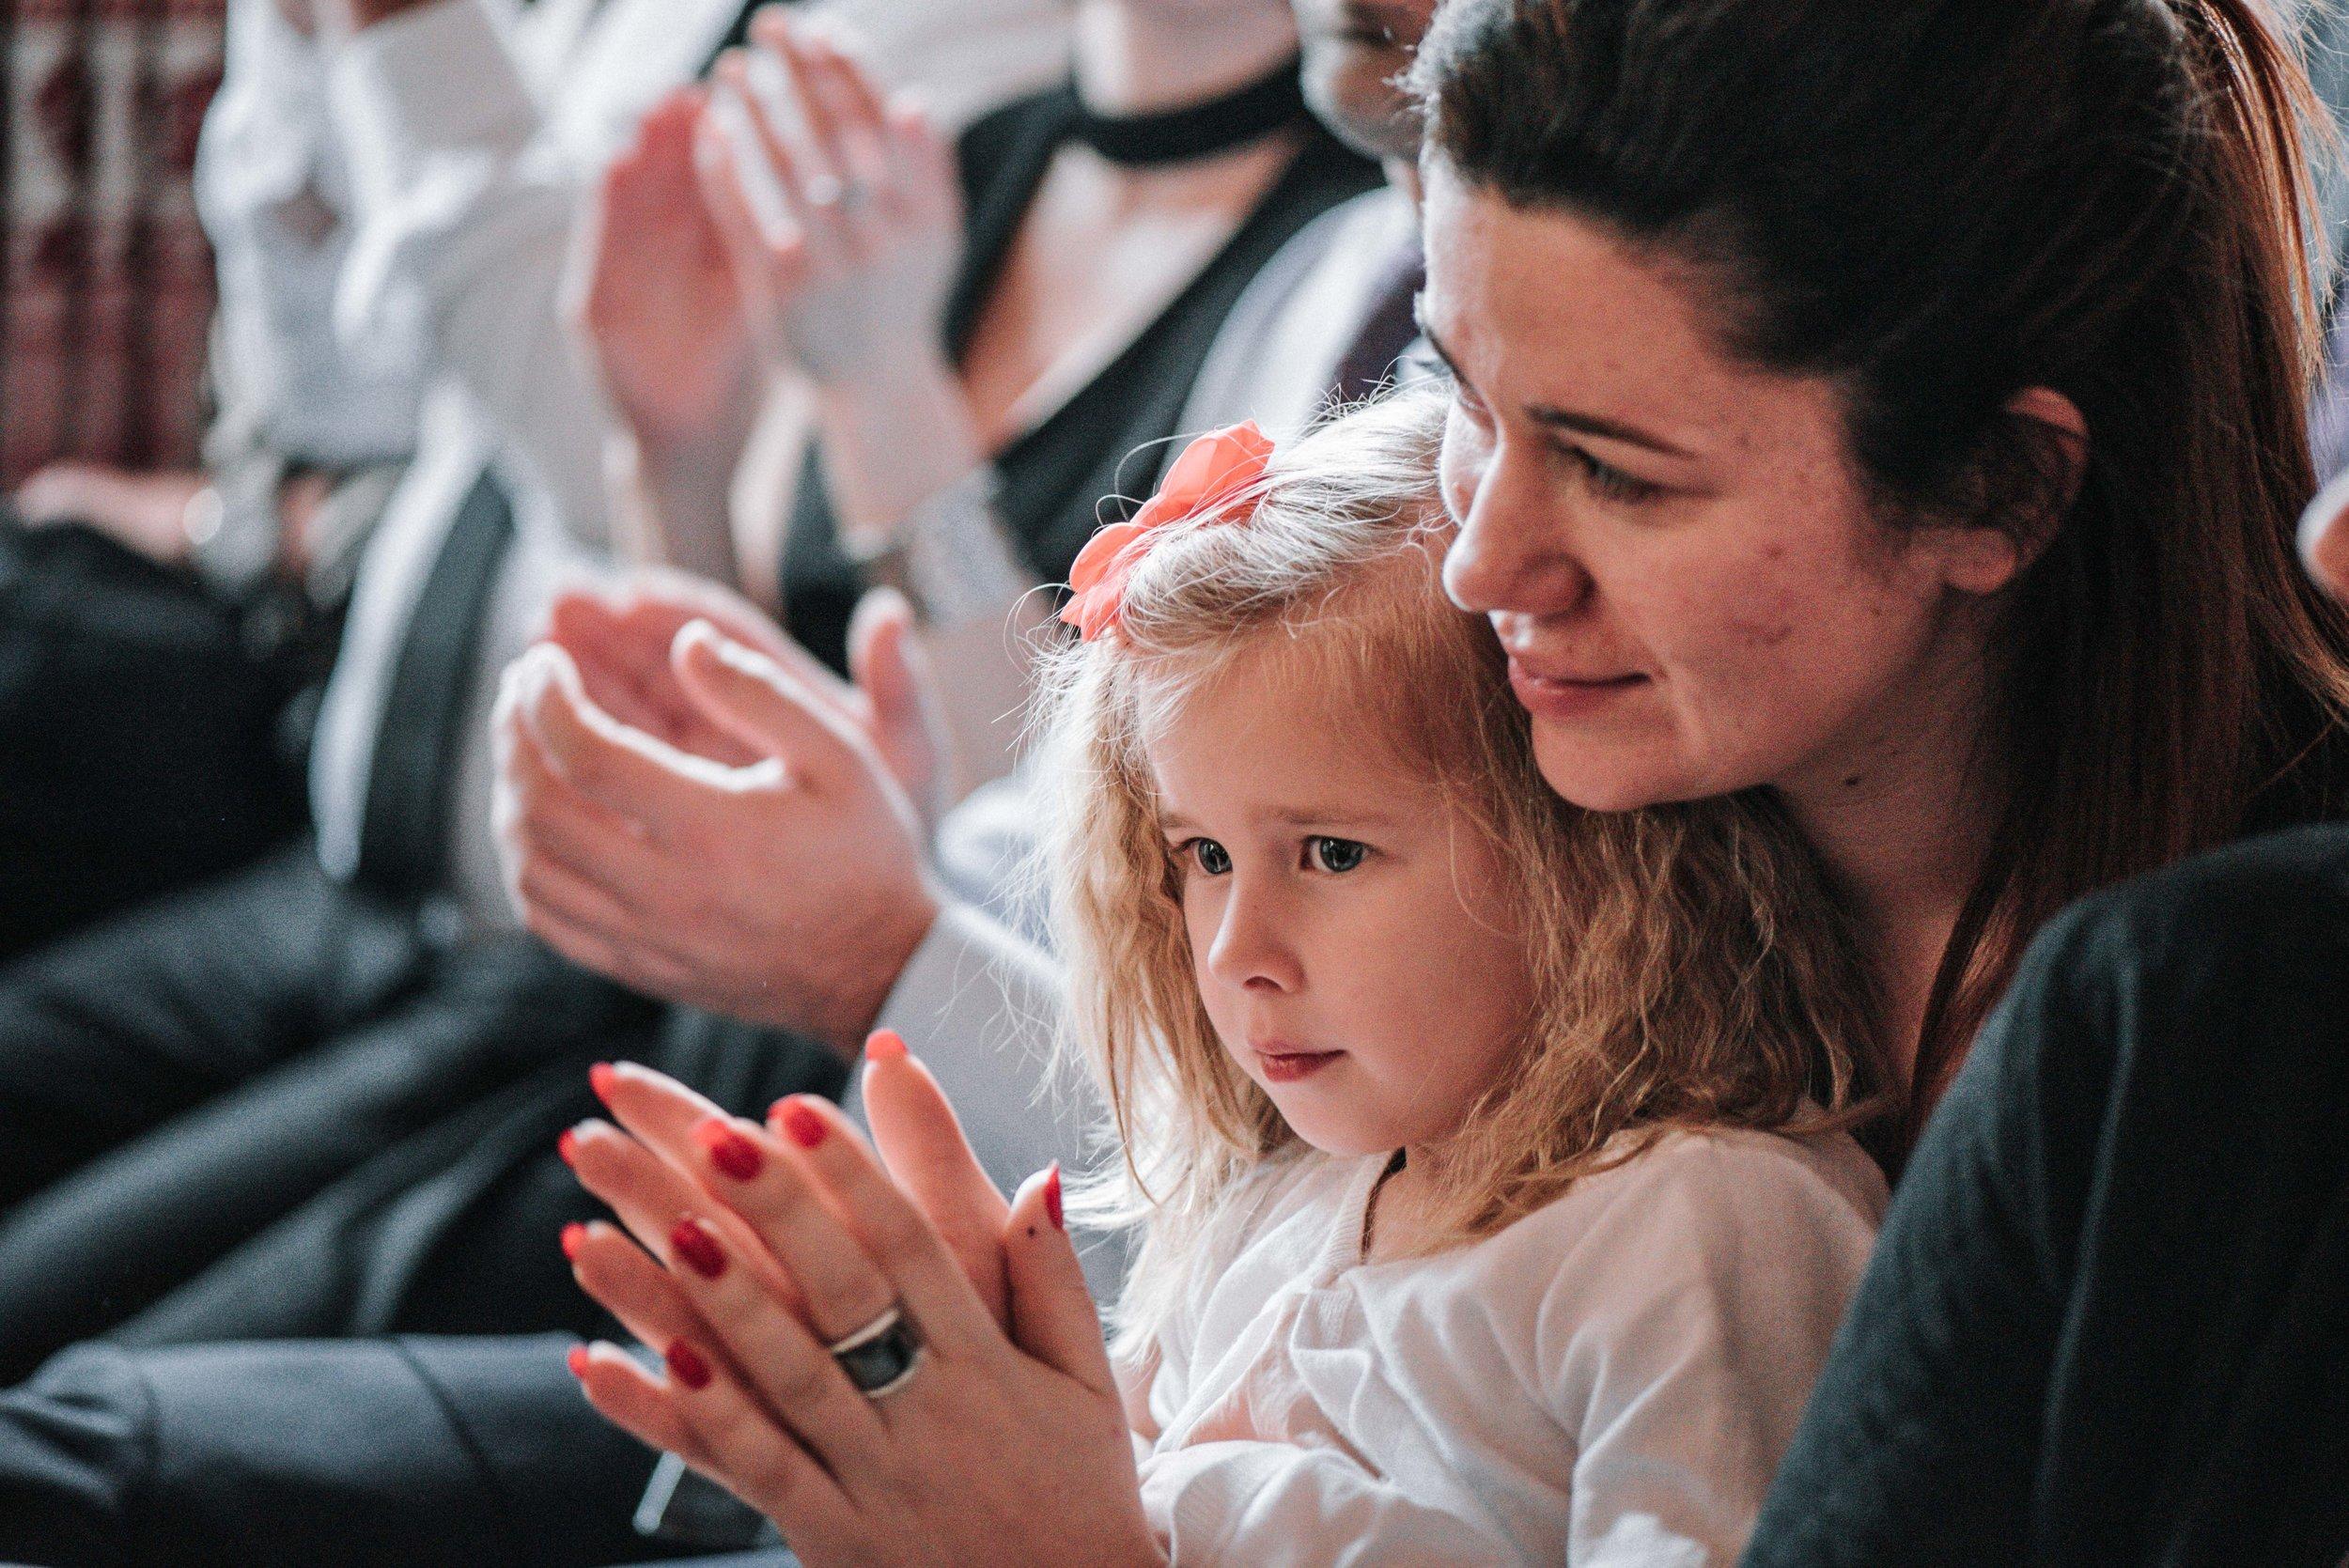 Léa-Fery-photographe-professionnel-lyon-rhone-alpes-portrait-mariage-couple-amour-lovesession-engagement-elopment-2764.jpg